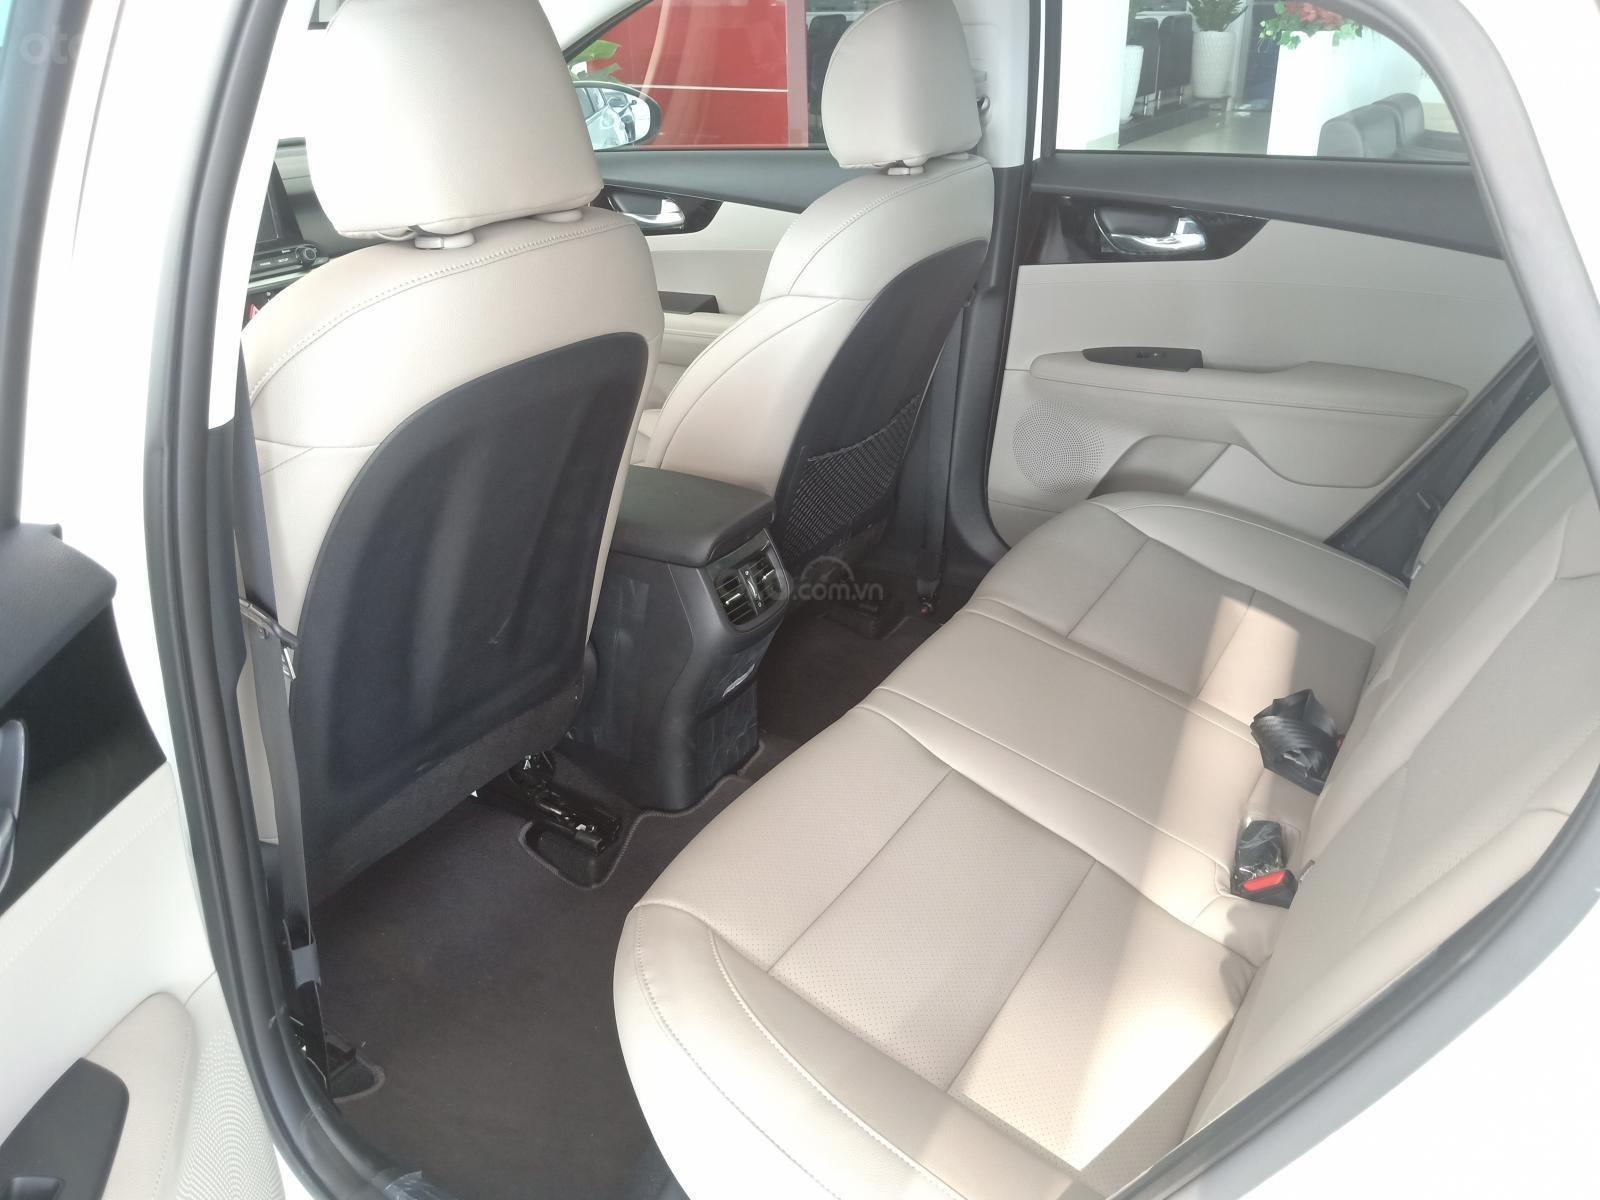 Bán xe Kia Cerato Deluxe 2019, màu trắng, giảm giá, tặng bảo hiểm, tặng phụ kiện-3